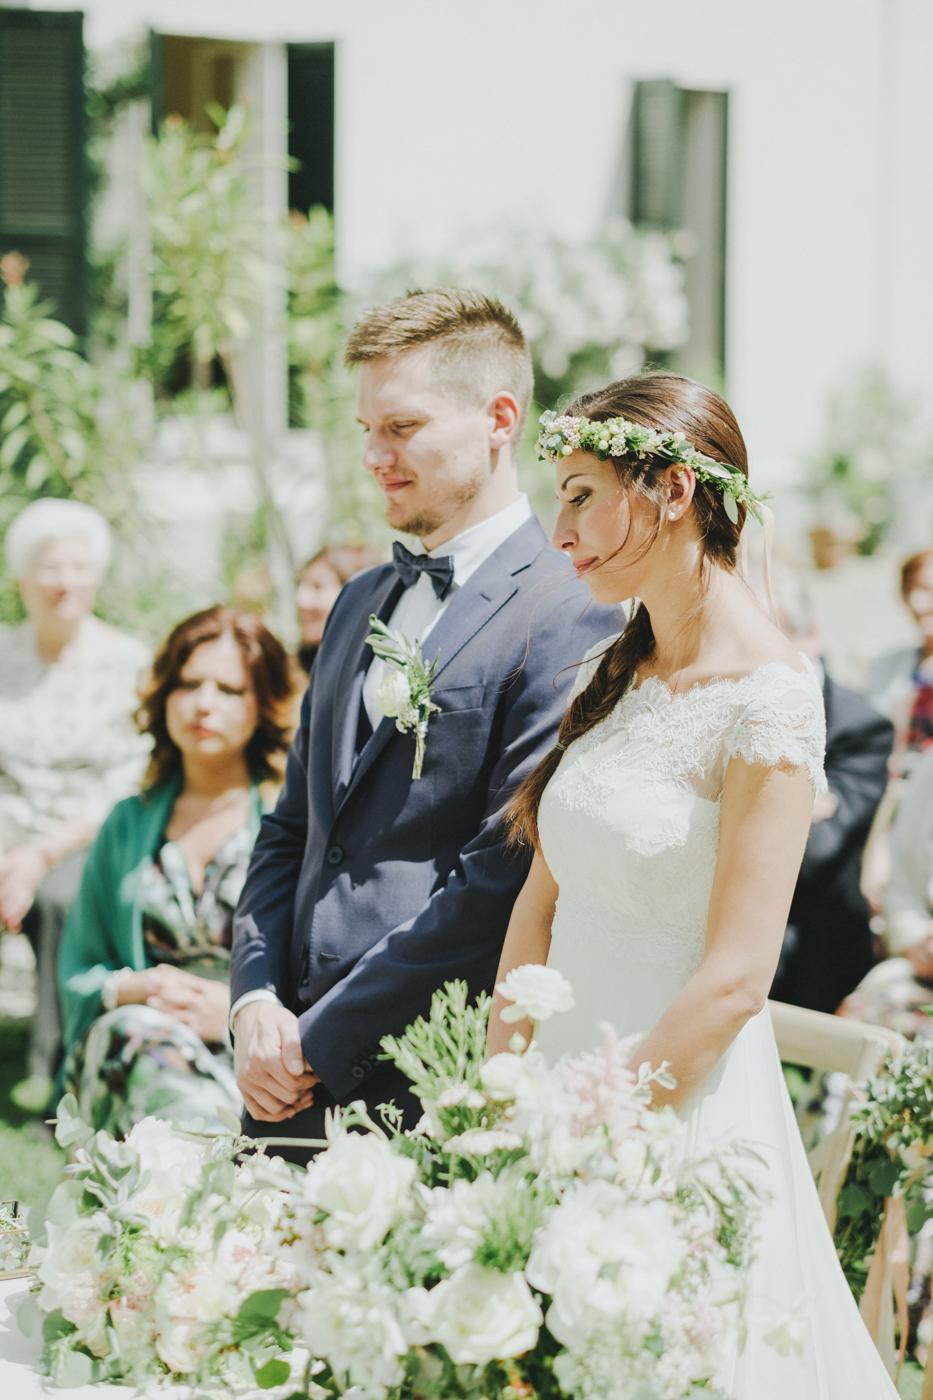 fotografo matrimonio como-59.jpg